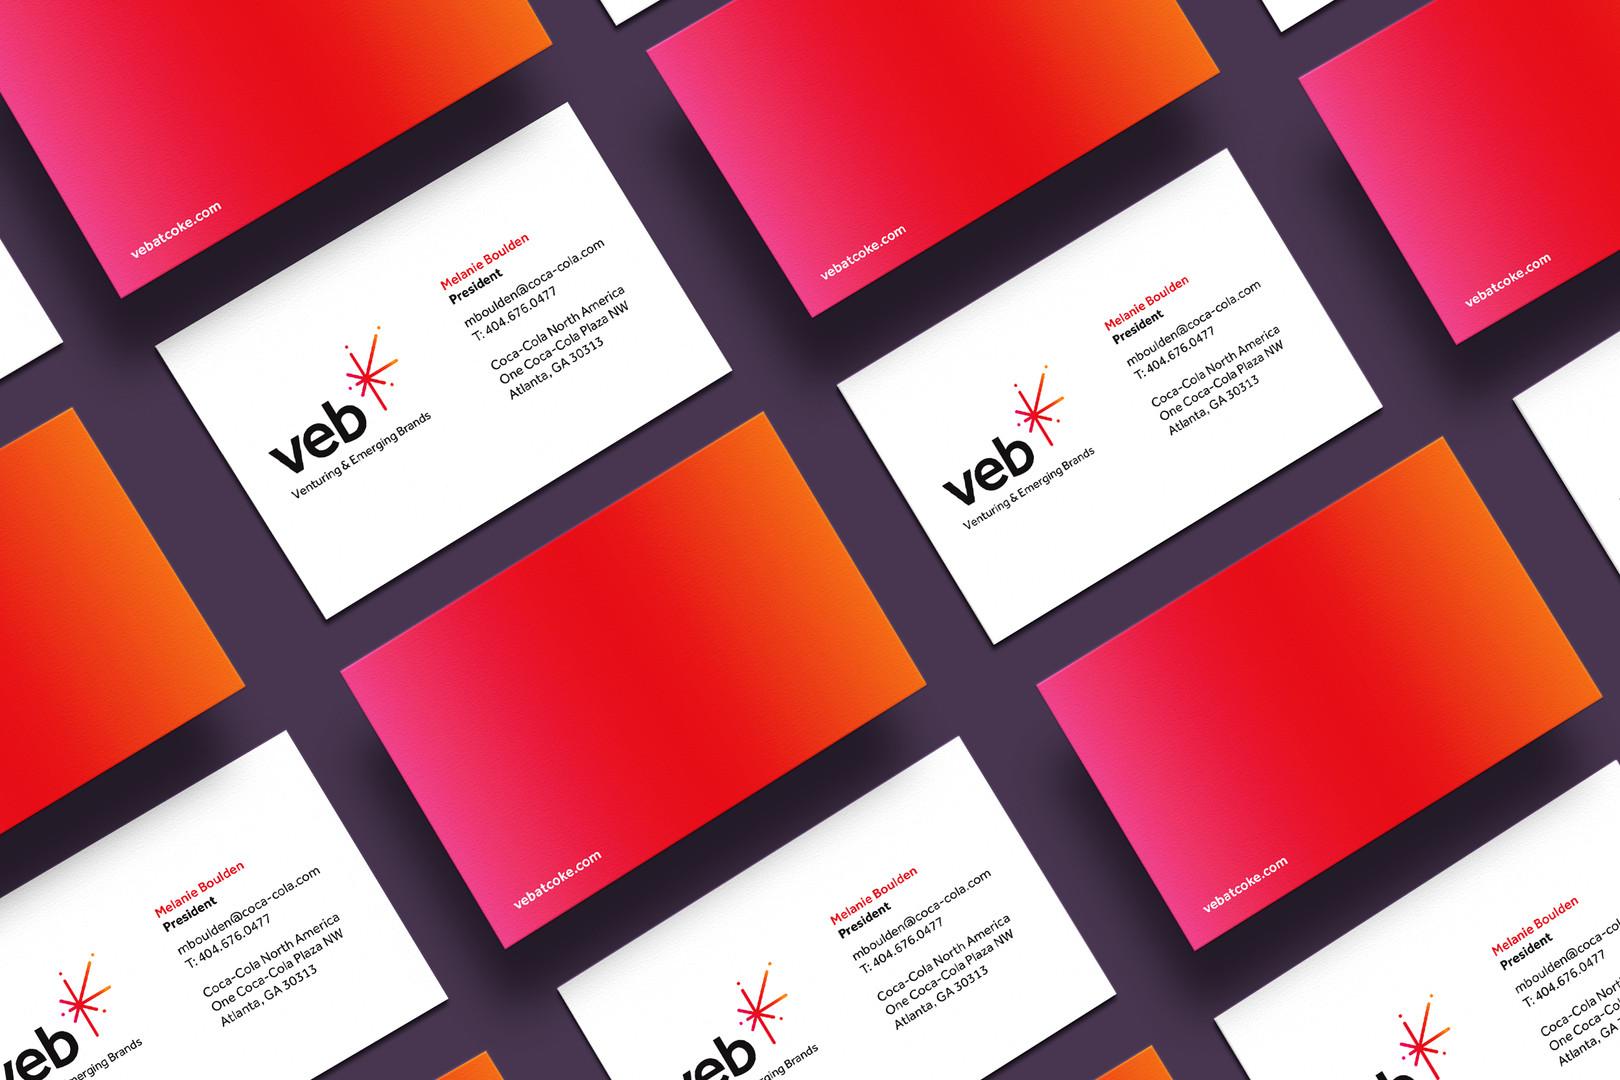 vebweb.cards.jpg